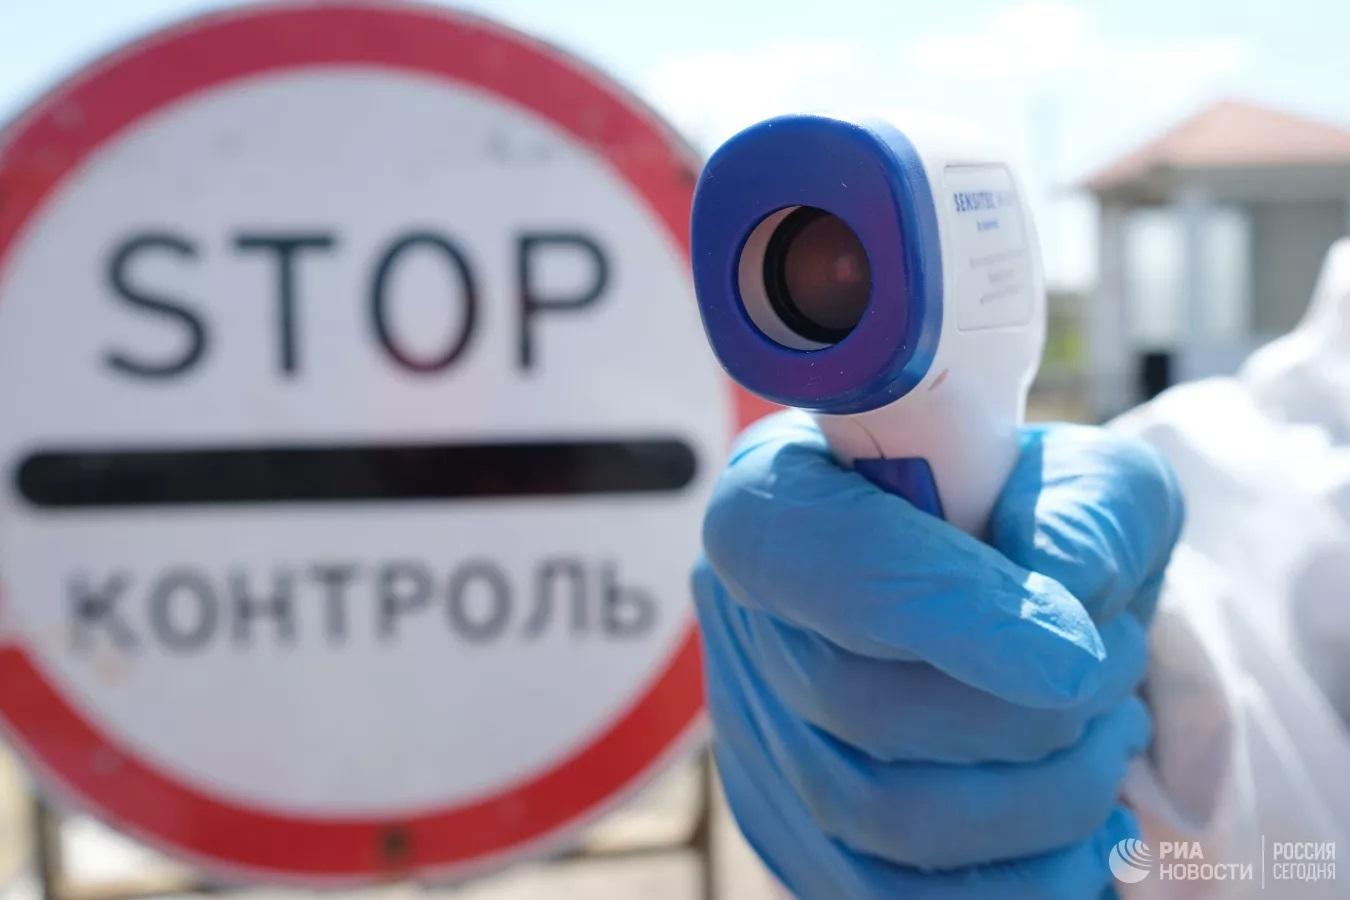 Thông tin bất ngờ về dịch Covid-19, xác định mối đe dọa mới của năm 2020